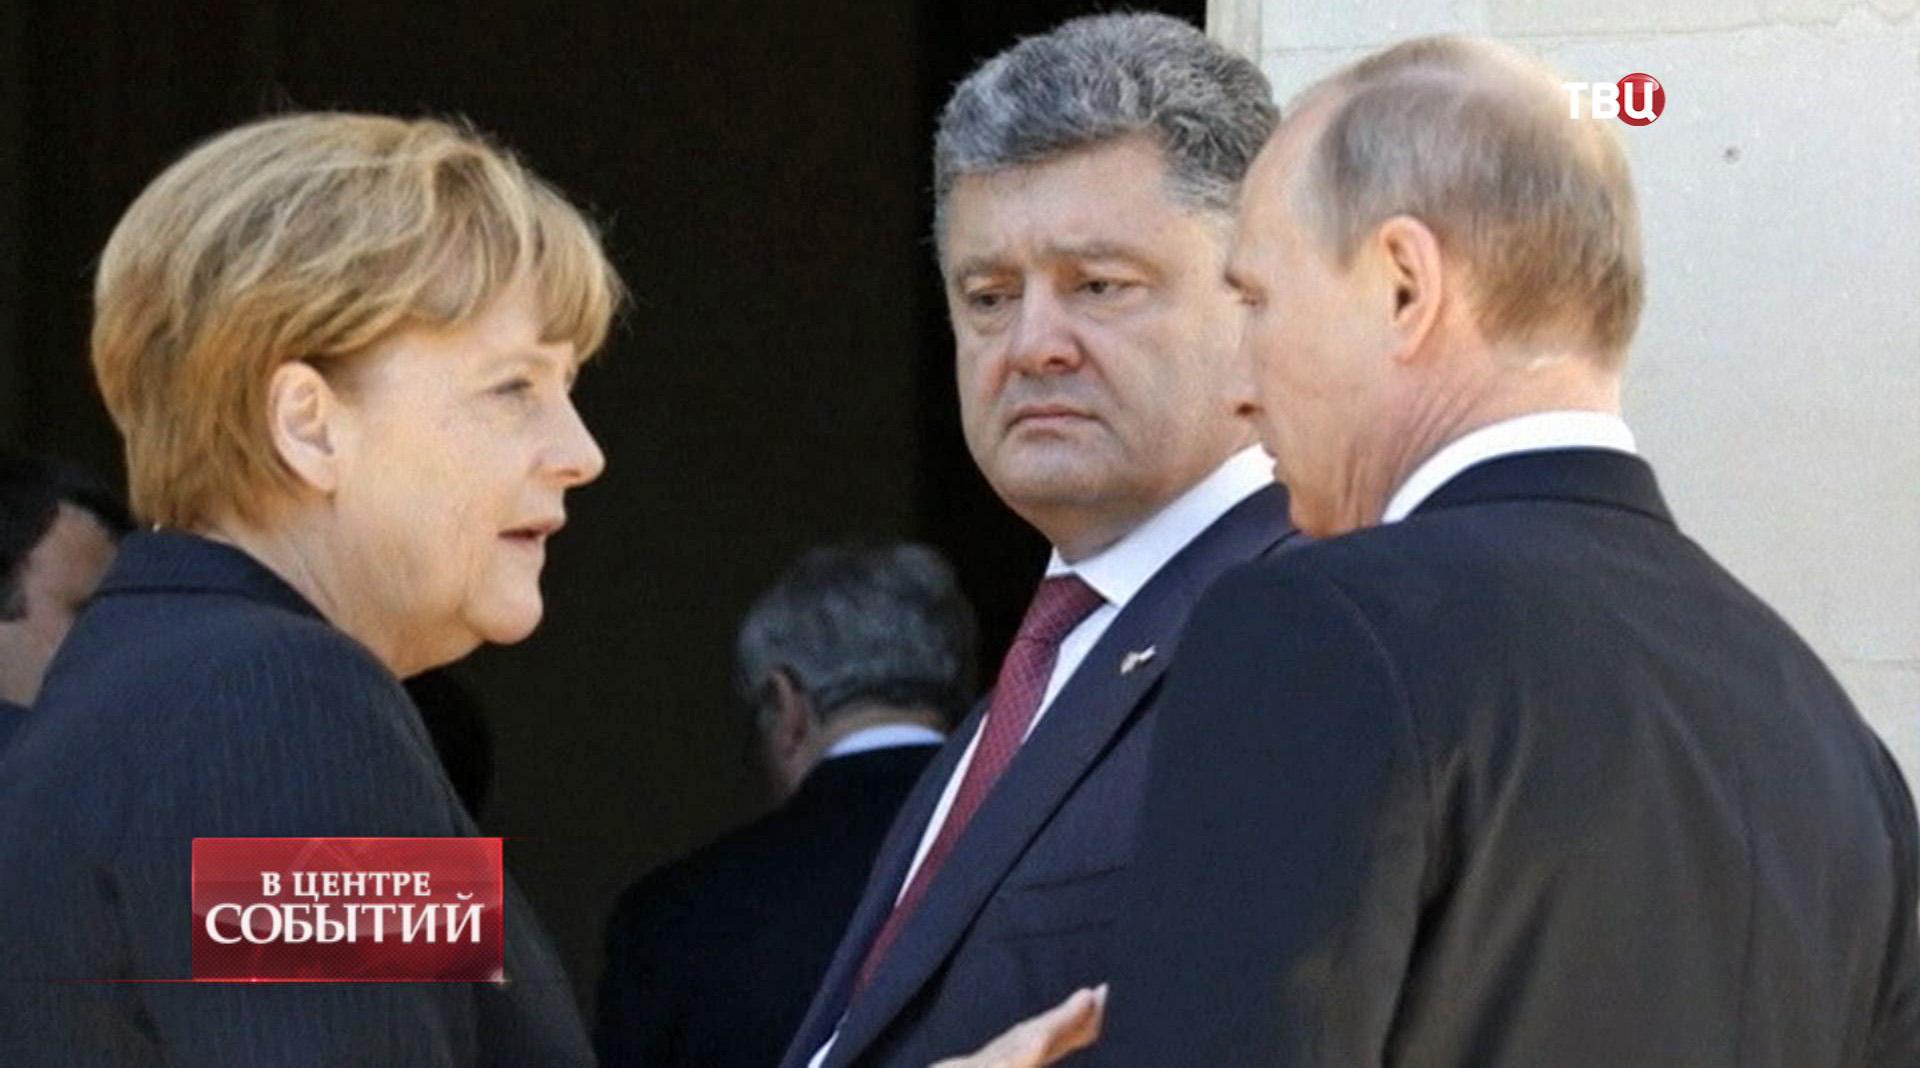 Президент России Владимир Путин с Президентом Украины Петром Порошенко, Федеральный канцлер Германии Ангель Меркель